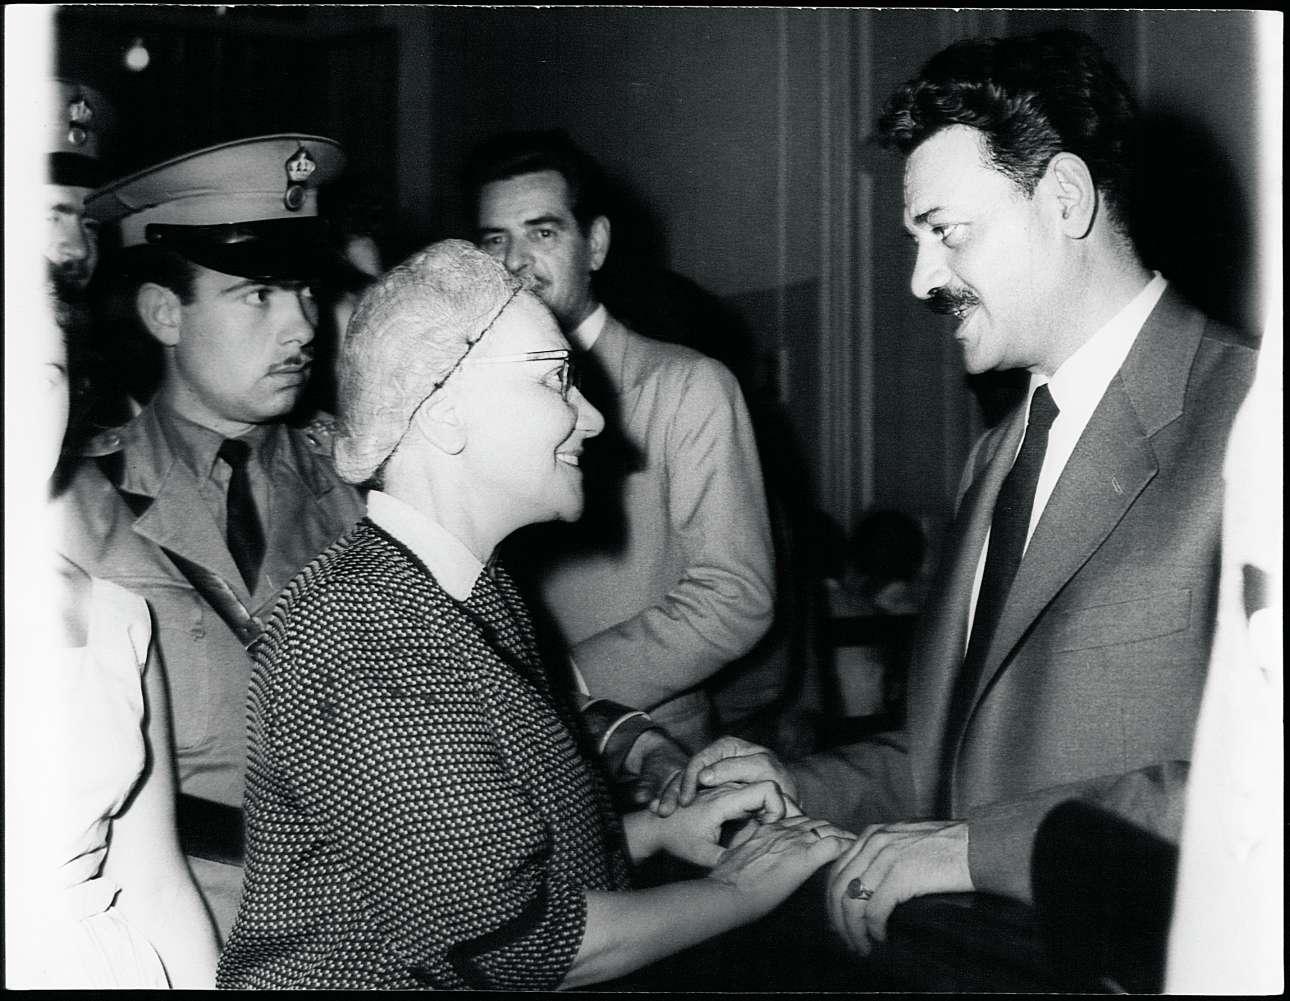 Με τη μητέρα του, Μάχη, σε μια διακοπή της δίκης του στο Στρατοδικείο, το 1958. Ακόμα και ο Αλμπέρ Καμύ είχε παρέμβει, στέλνοντας επιστολή στον τότε Πρωθυπουργό Κωνσταντίνο Καραμανλή